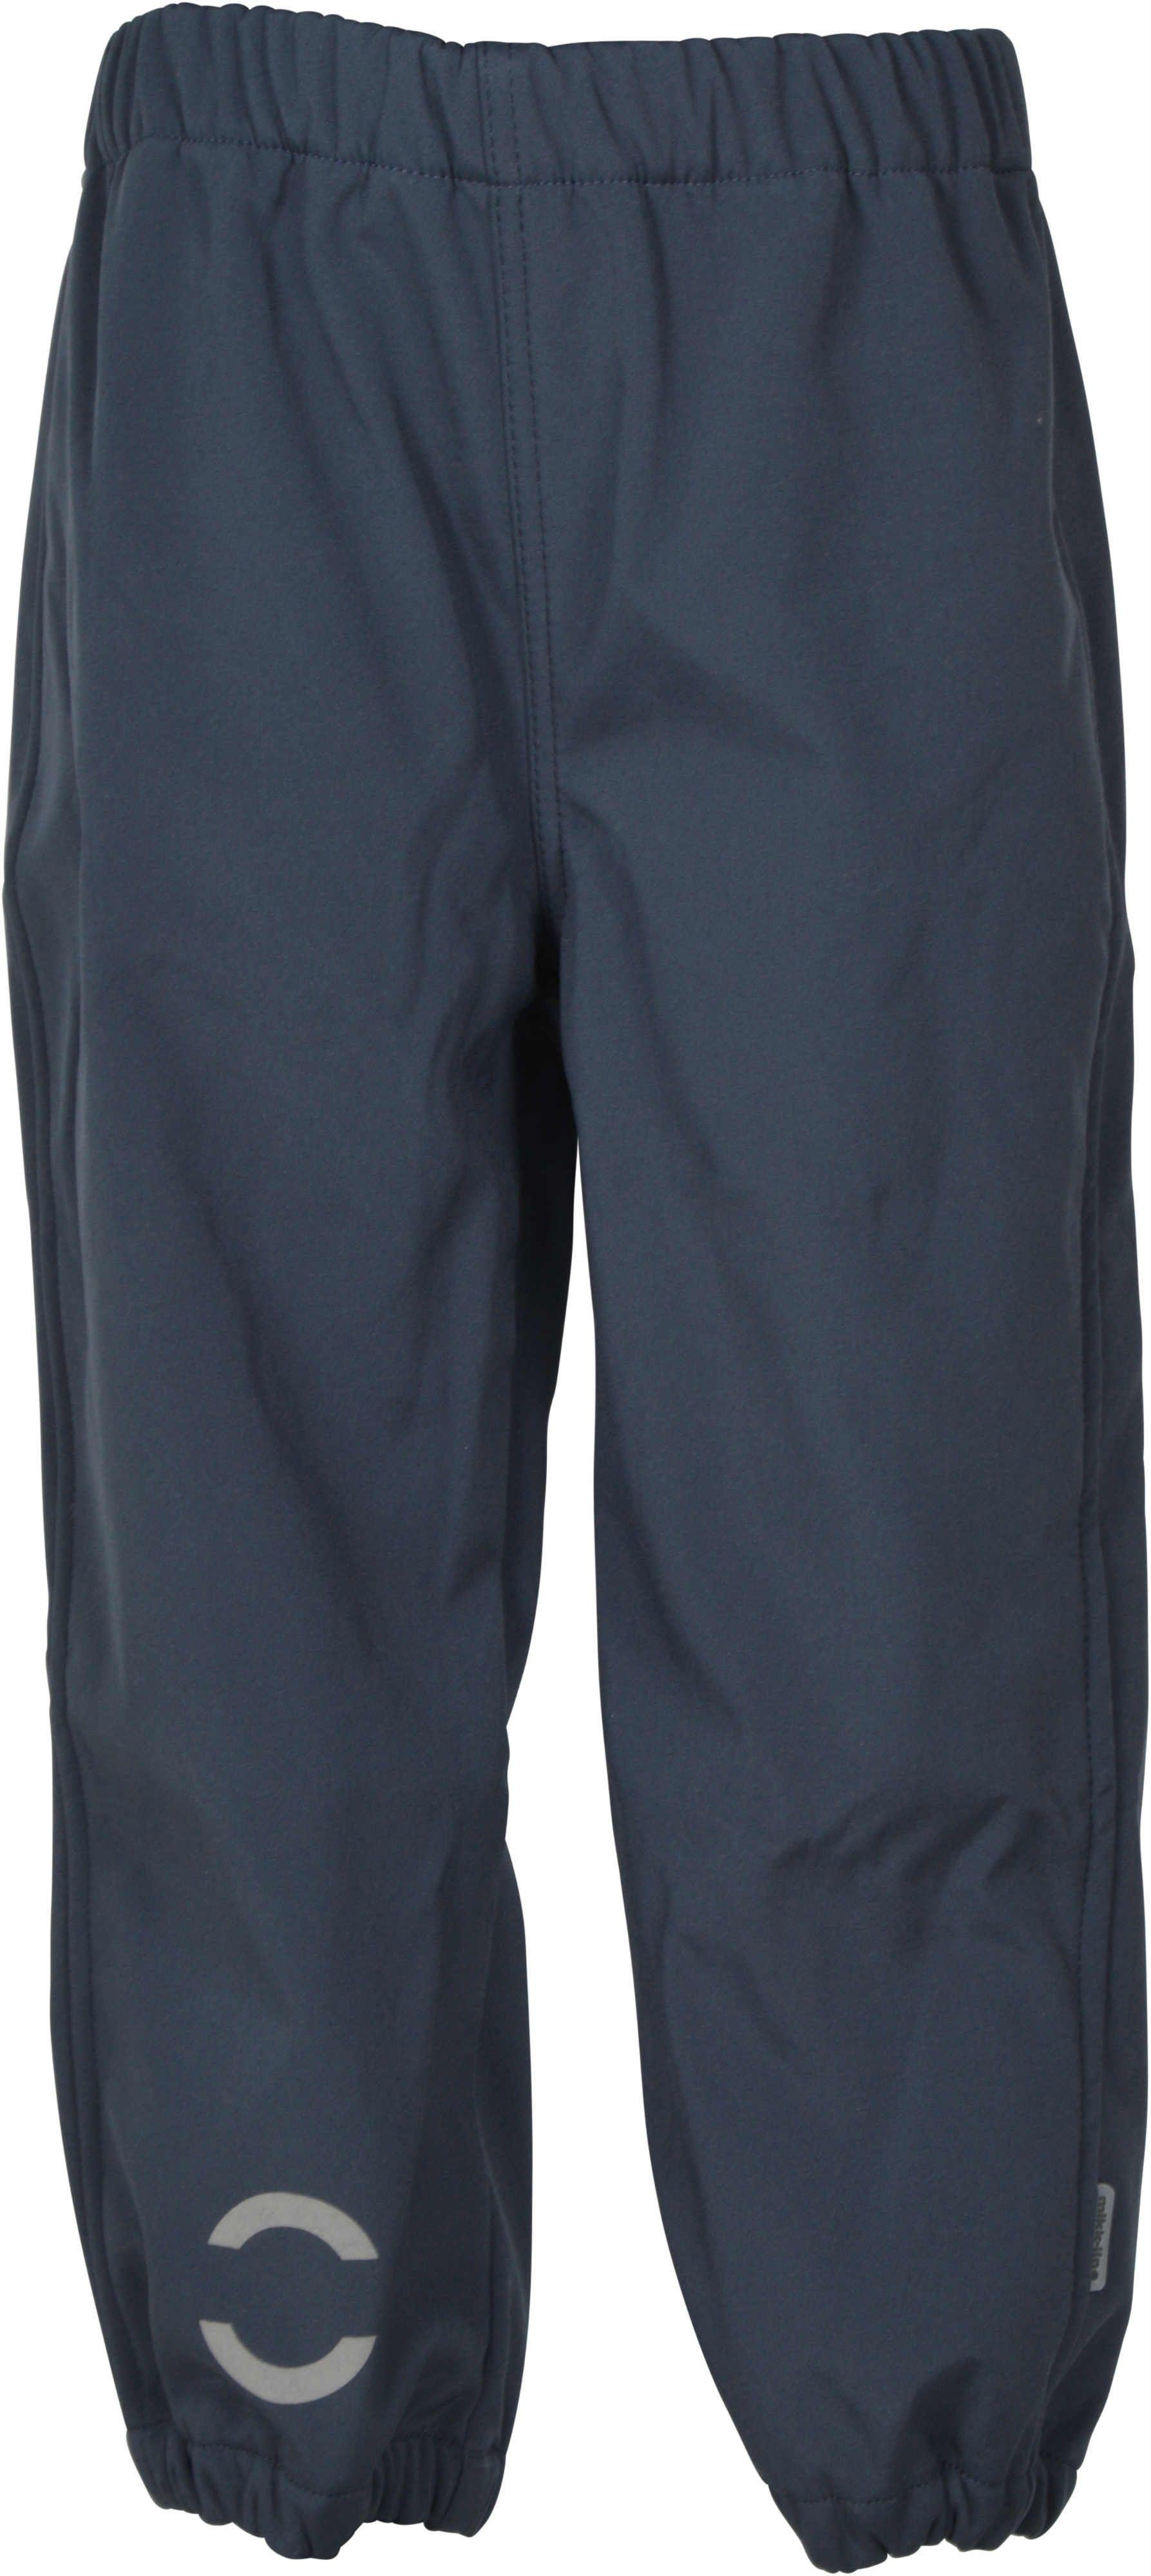 57f65e10 Softshell bukser fra Mikk-Line i mørkeblå - Fri Fragt - Køb Soft shell  Bukser Vindtætte og Vandtætte